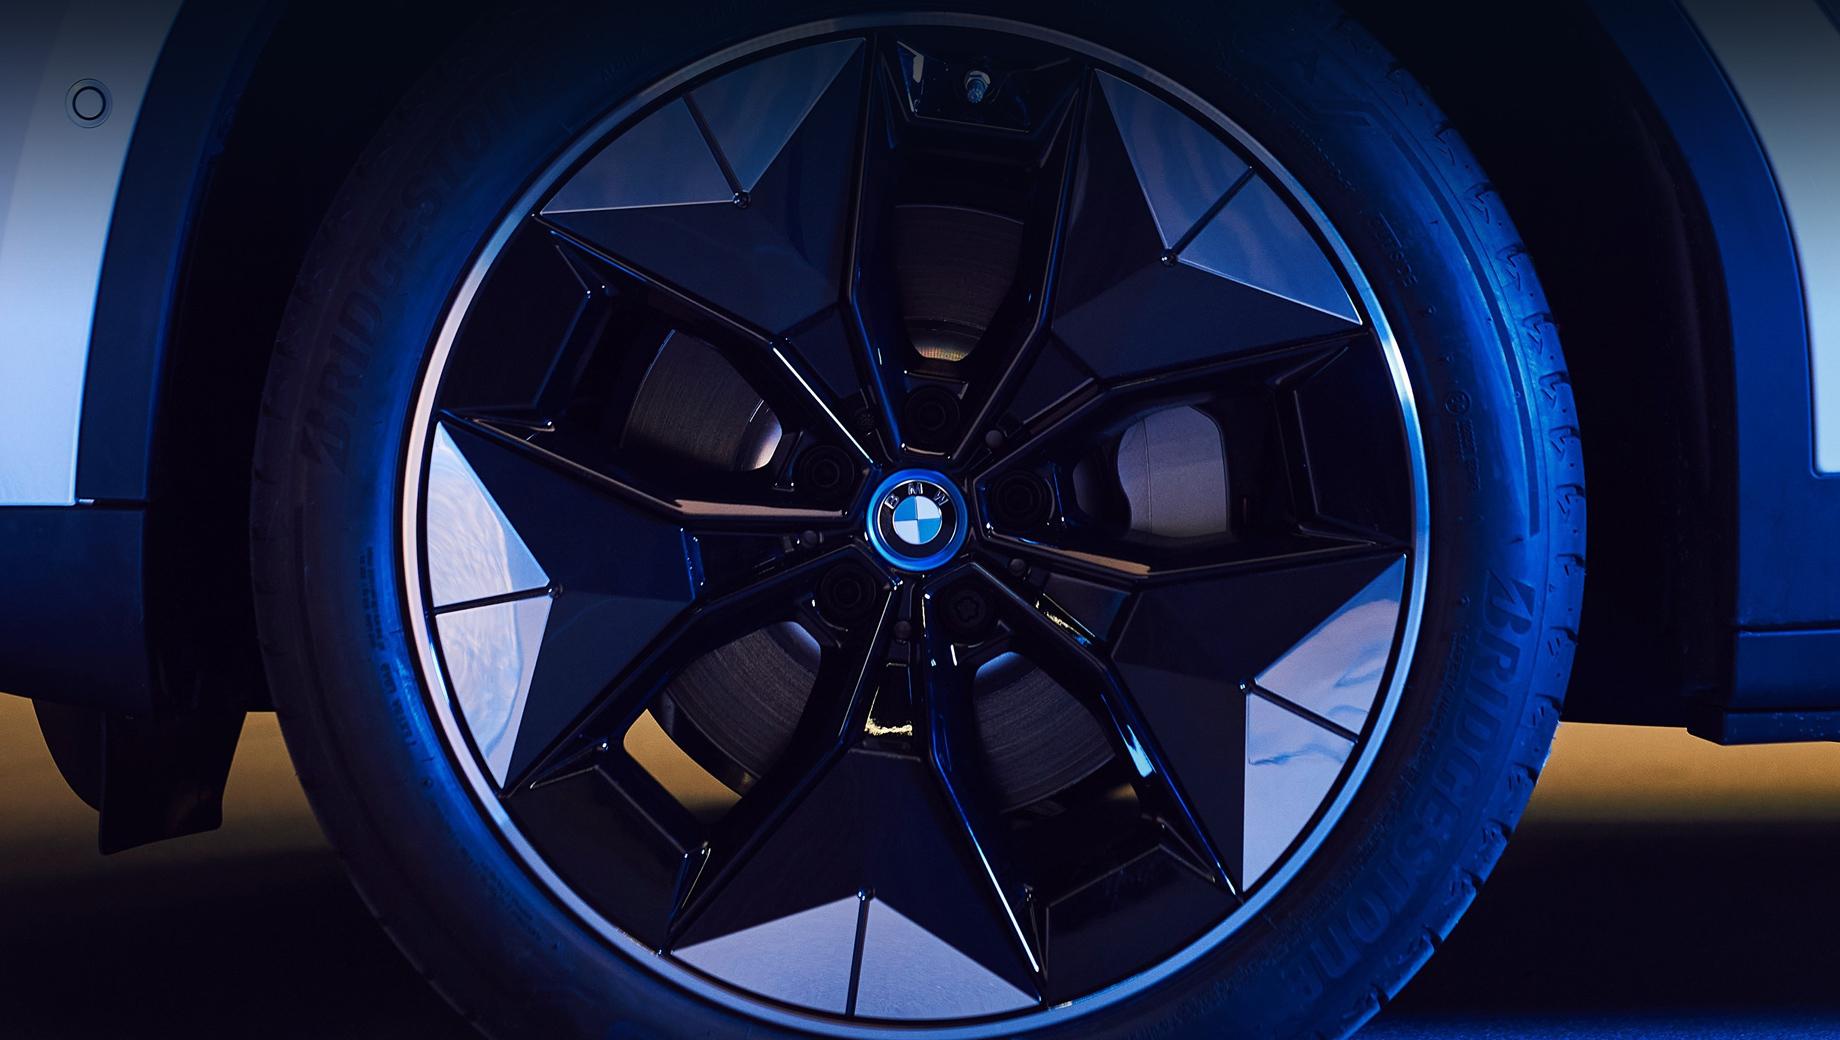 Bmw ix3. Показанный на снимках прототип колёс BMW Aerodynamic Wheel примерно в таком виде и придёт на серийную машину.